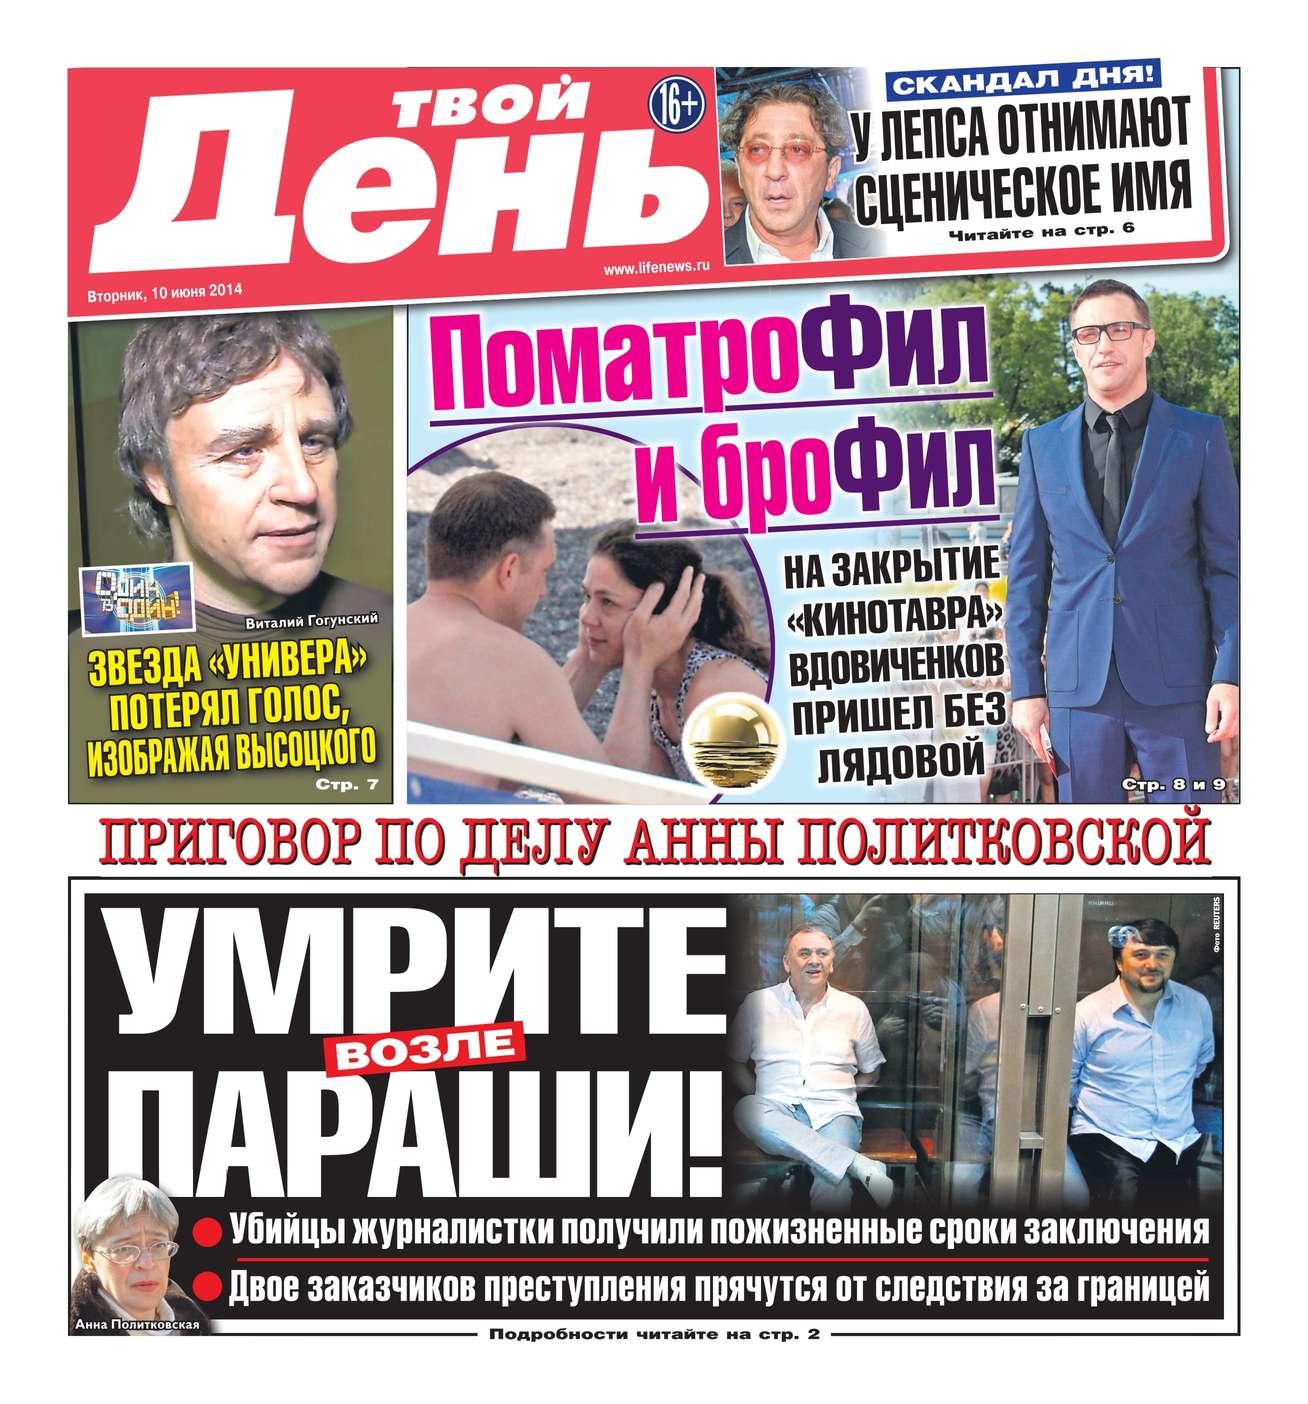 Редакция газеты Твой день Твой день 124-2014